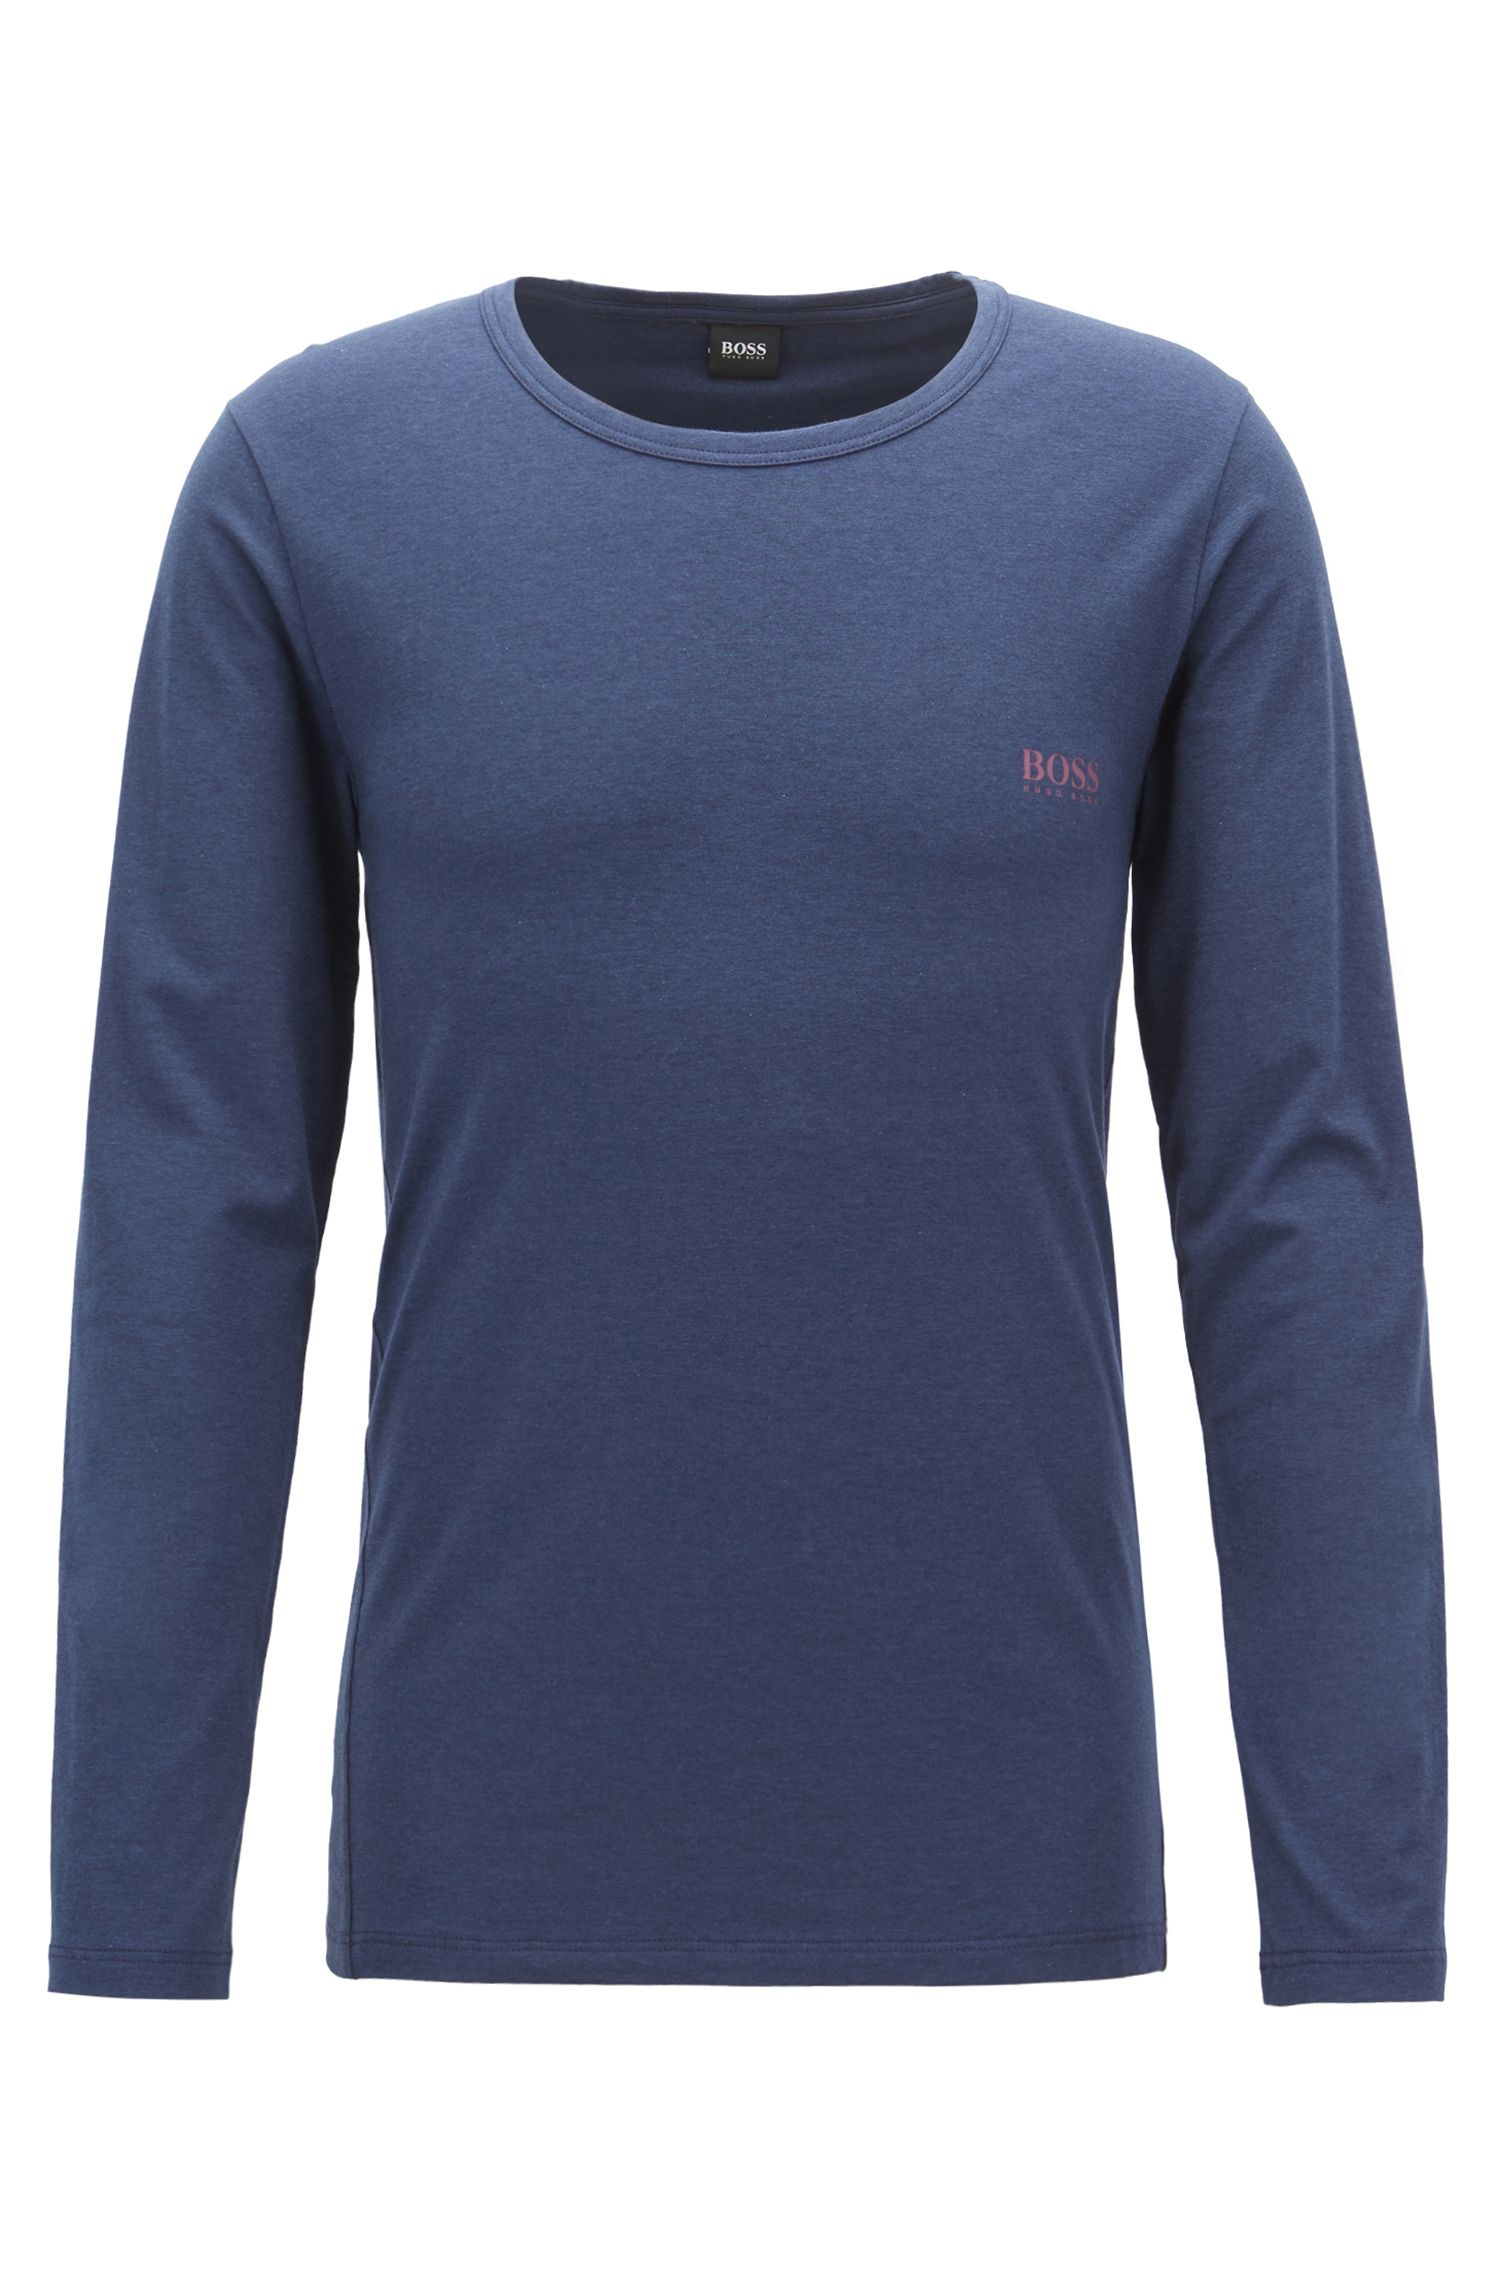 Haut de sous-vêtement à manches longues en jersey stretch avec logo, Bleu foncé